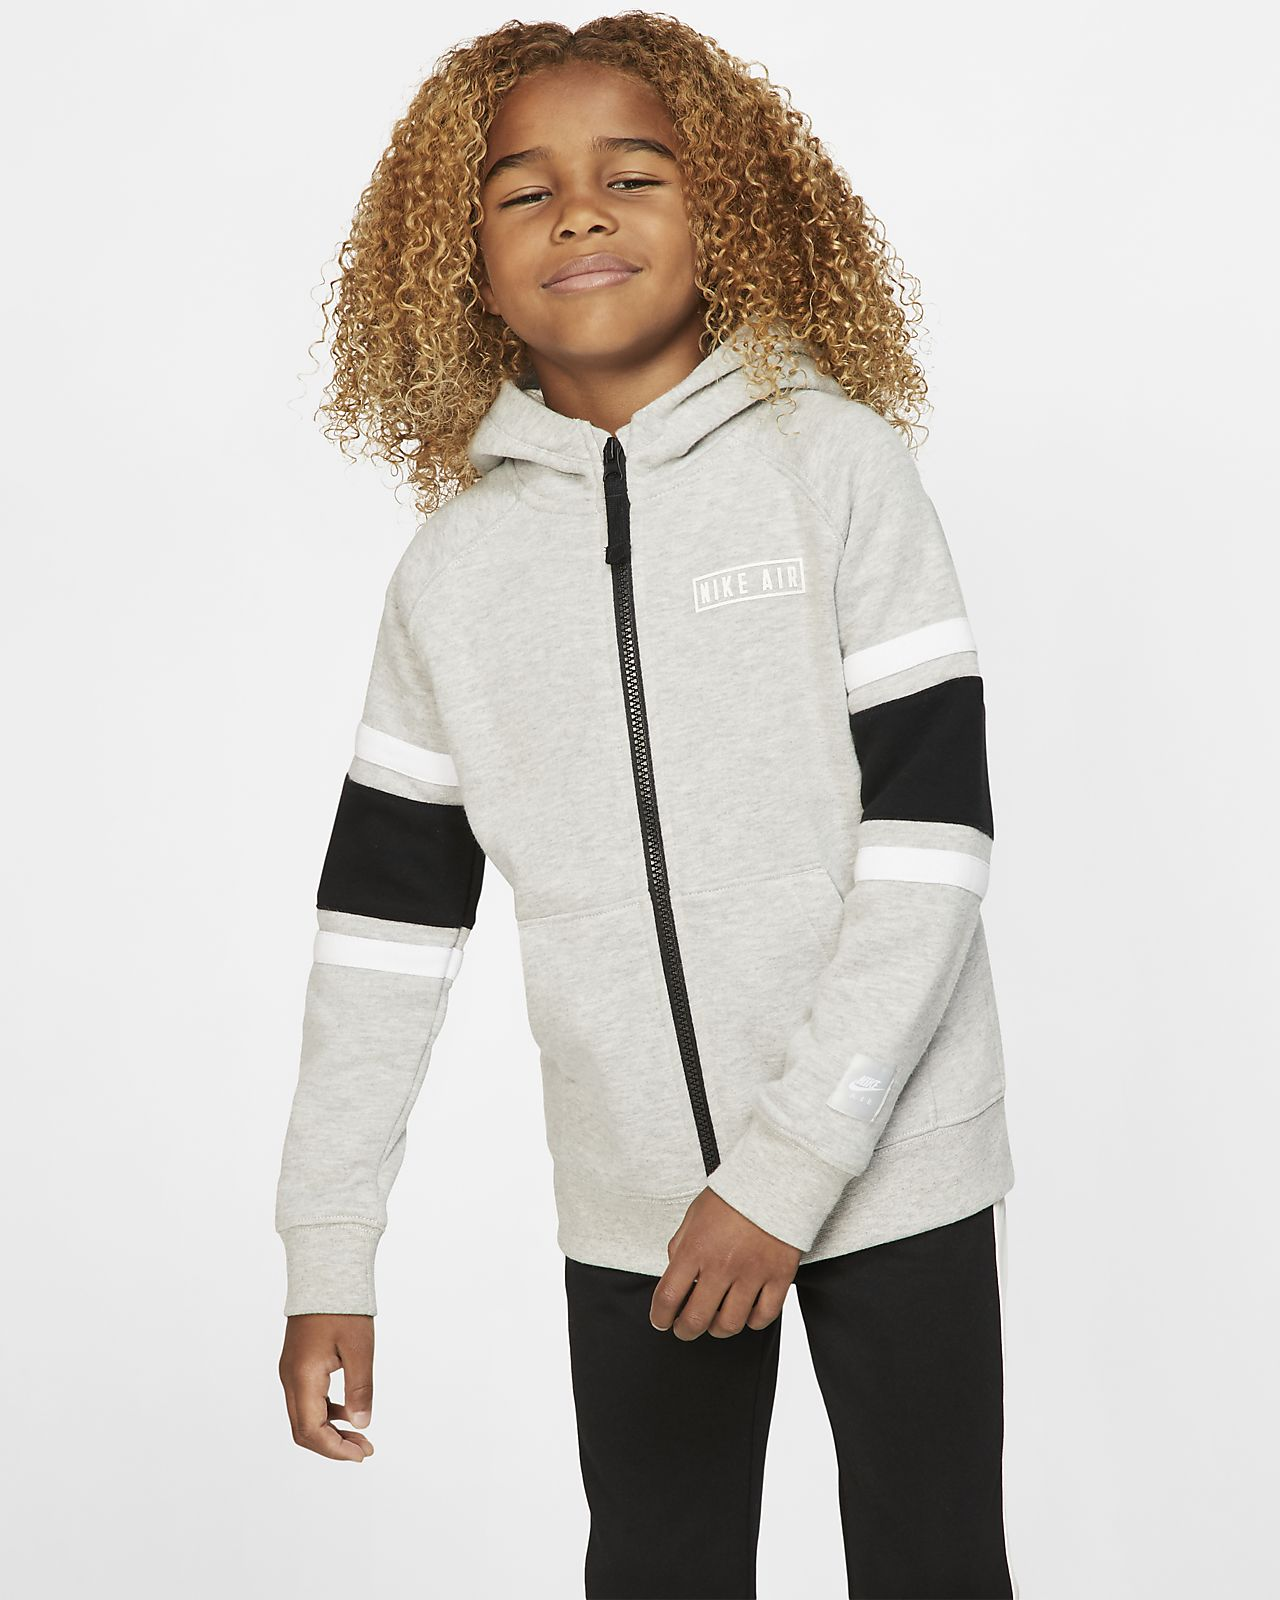 Nike Air fleecehættetrøje med lynlås til små børn. Nike DK